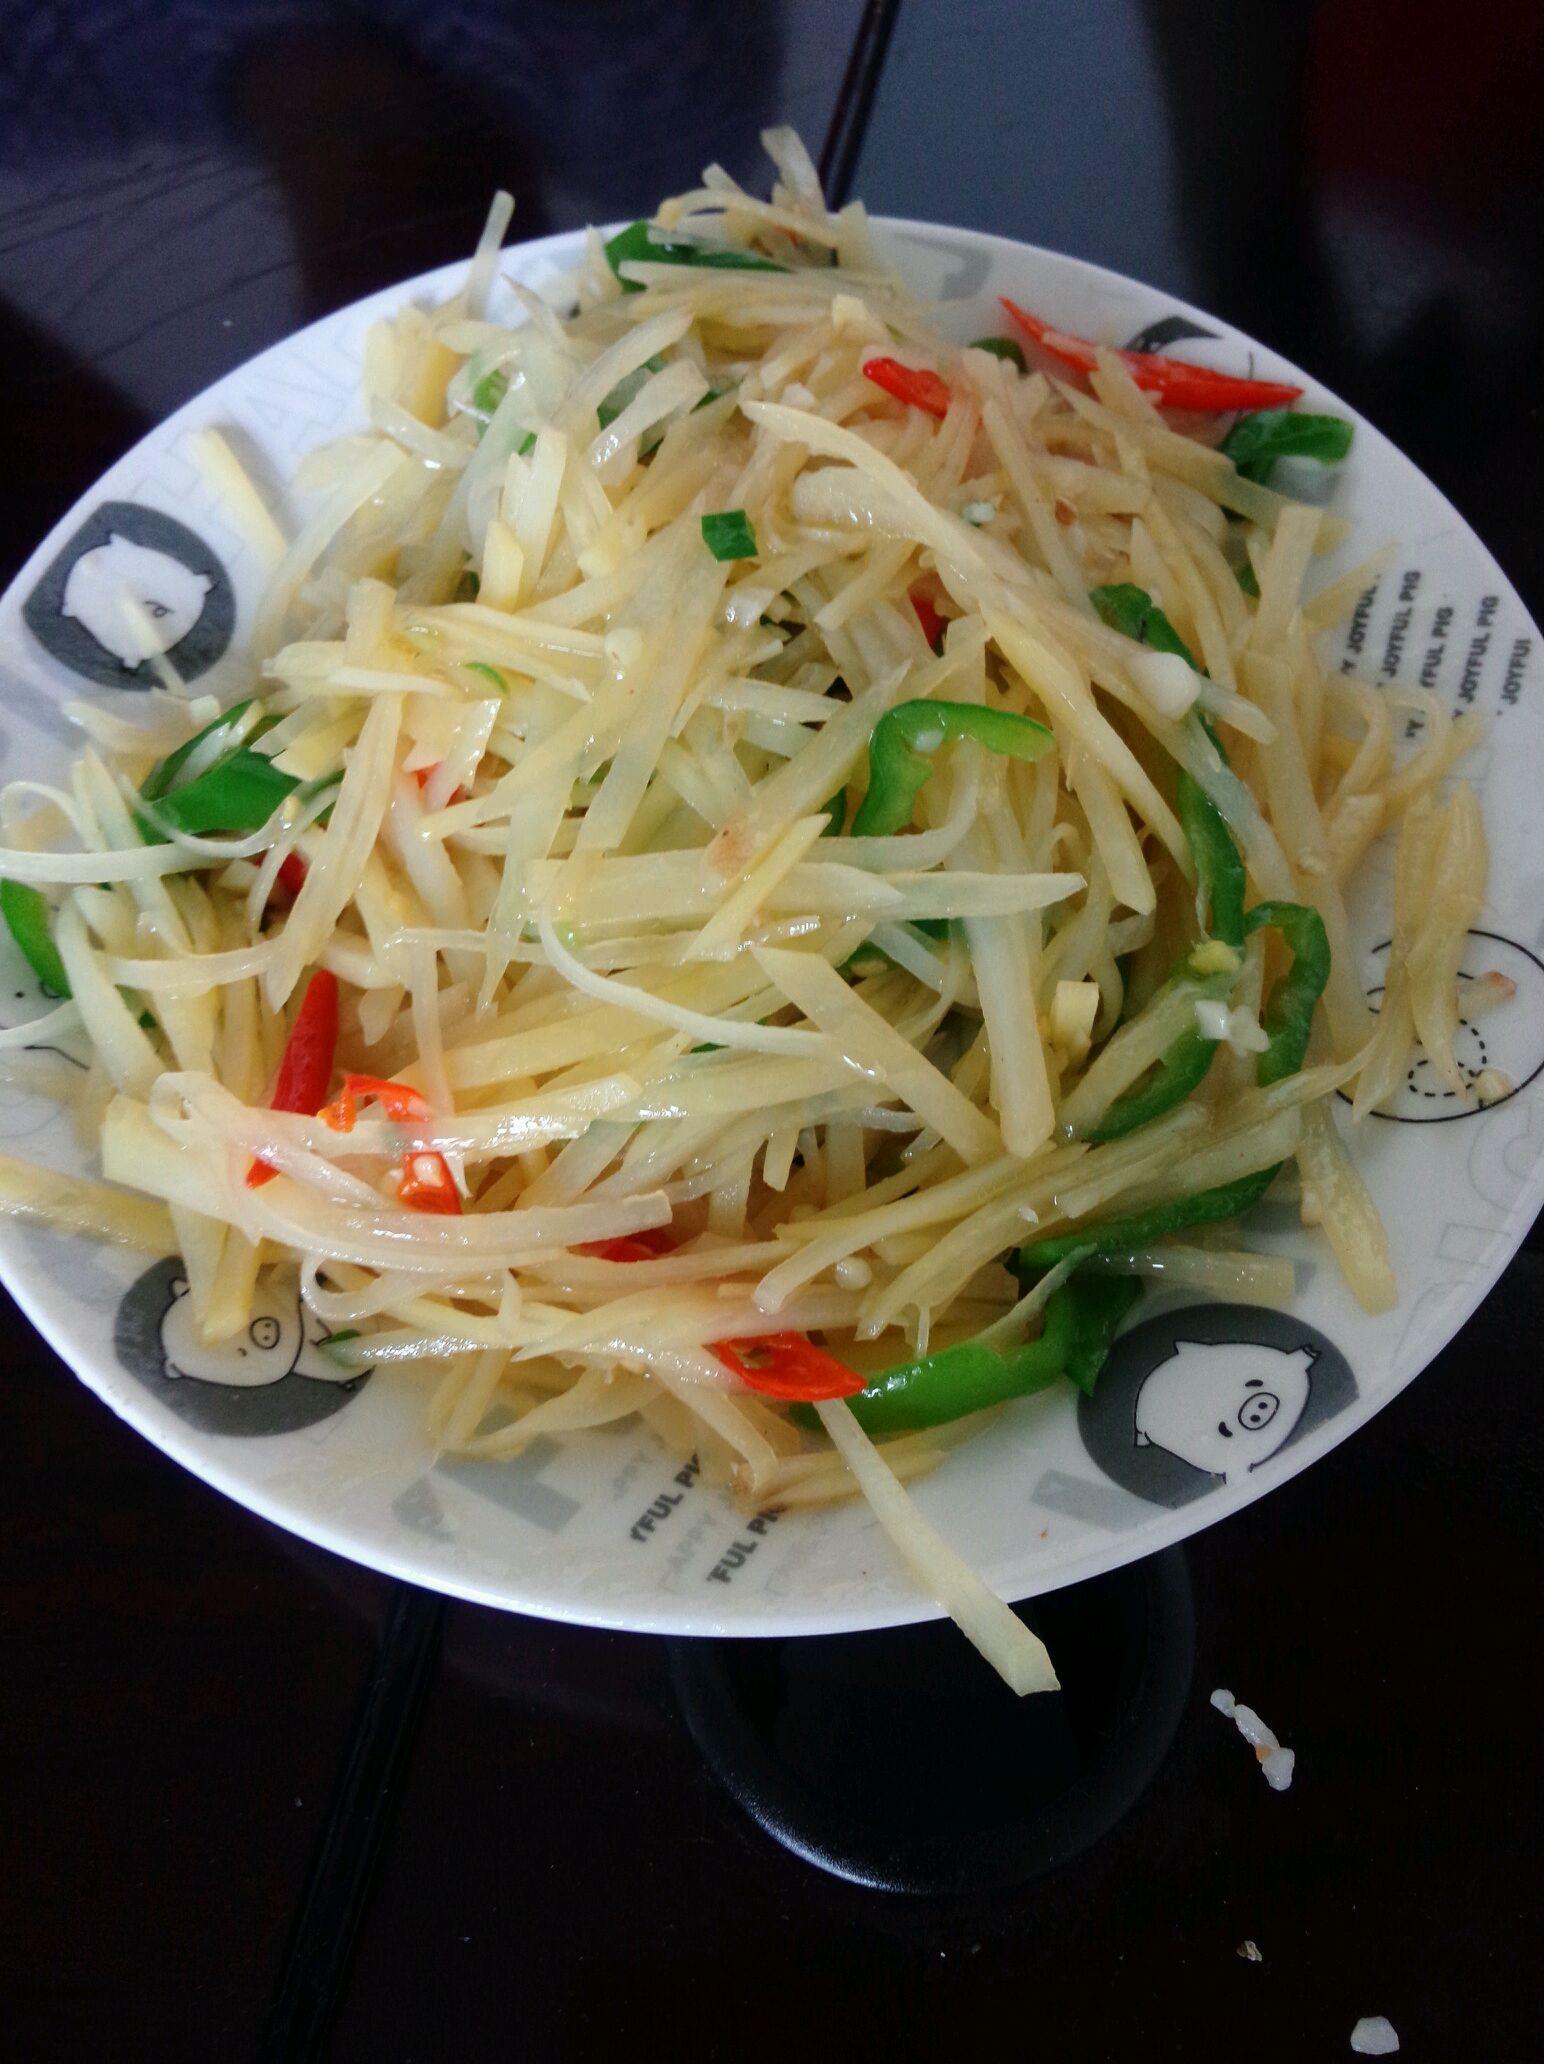 蒜2-3瓣 盐适量 味精适量 醋适量 油适量 酸辣土豆丝的做法步骤 2.